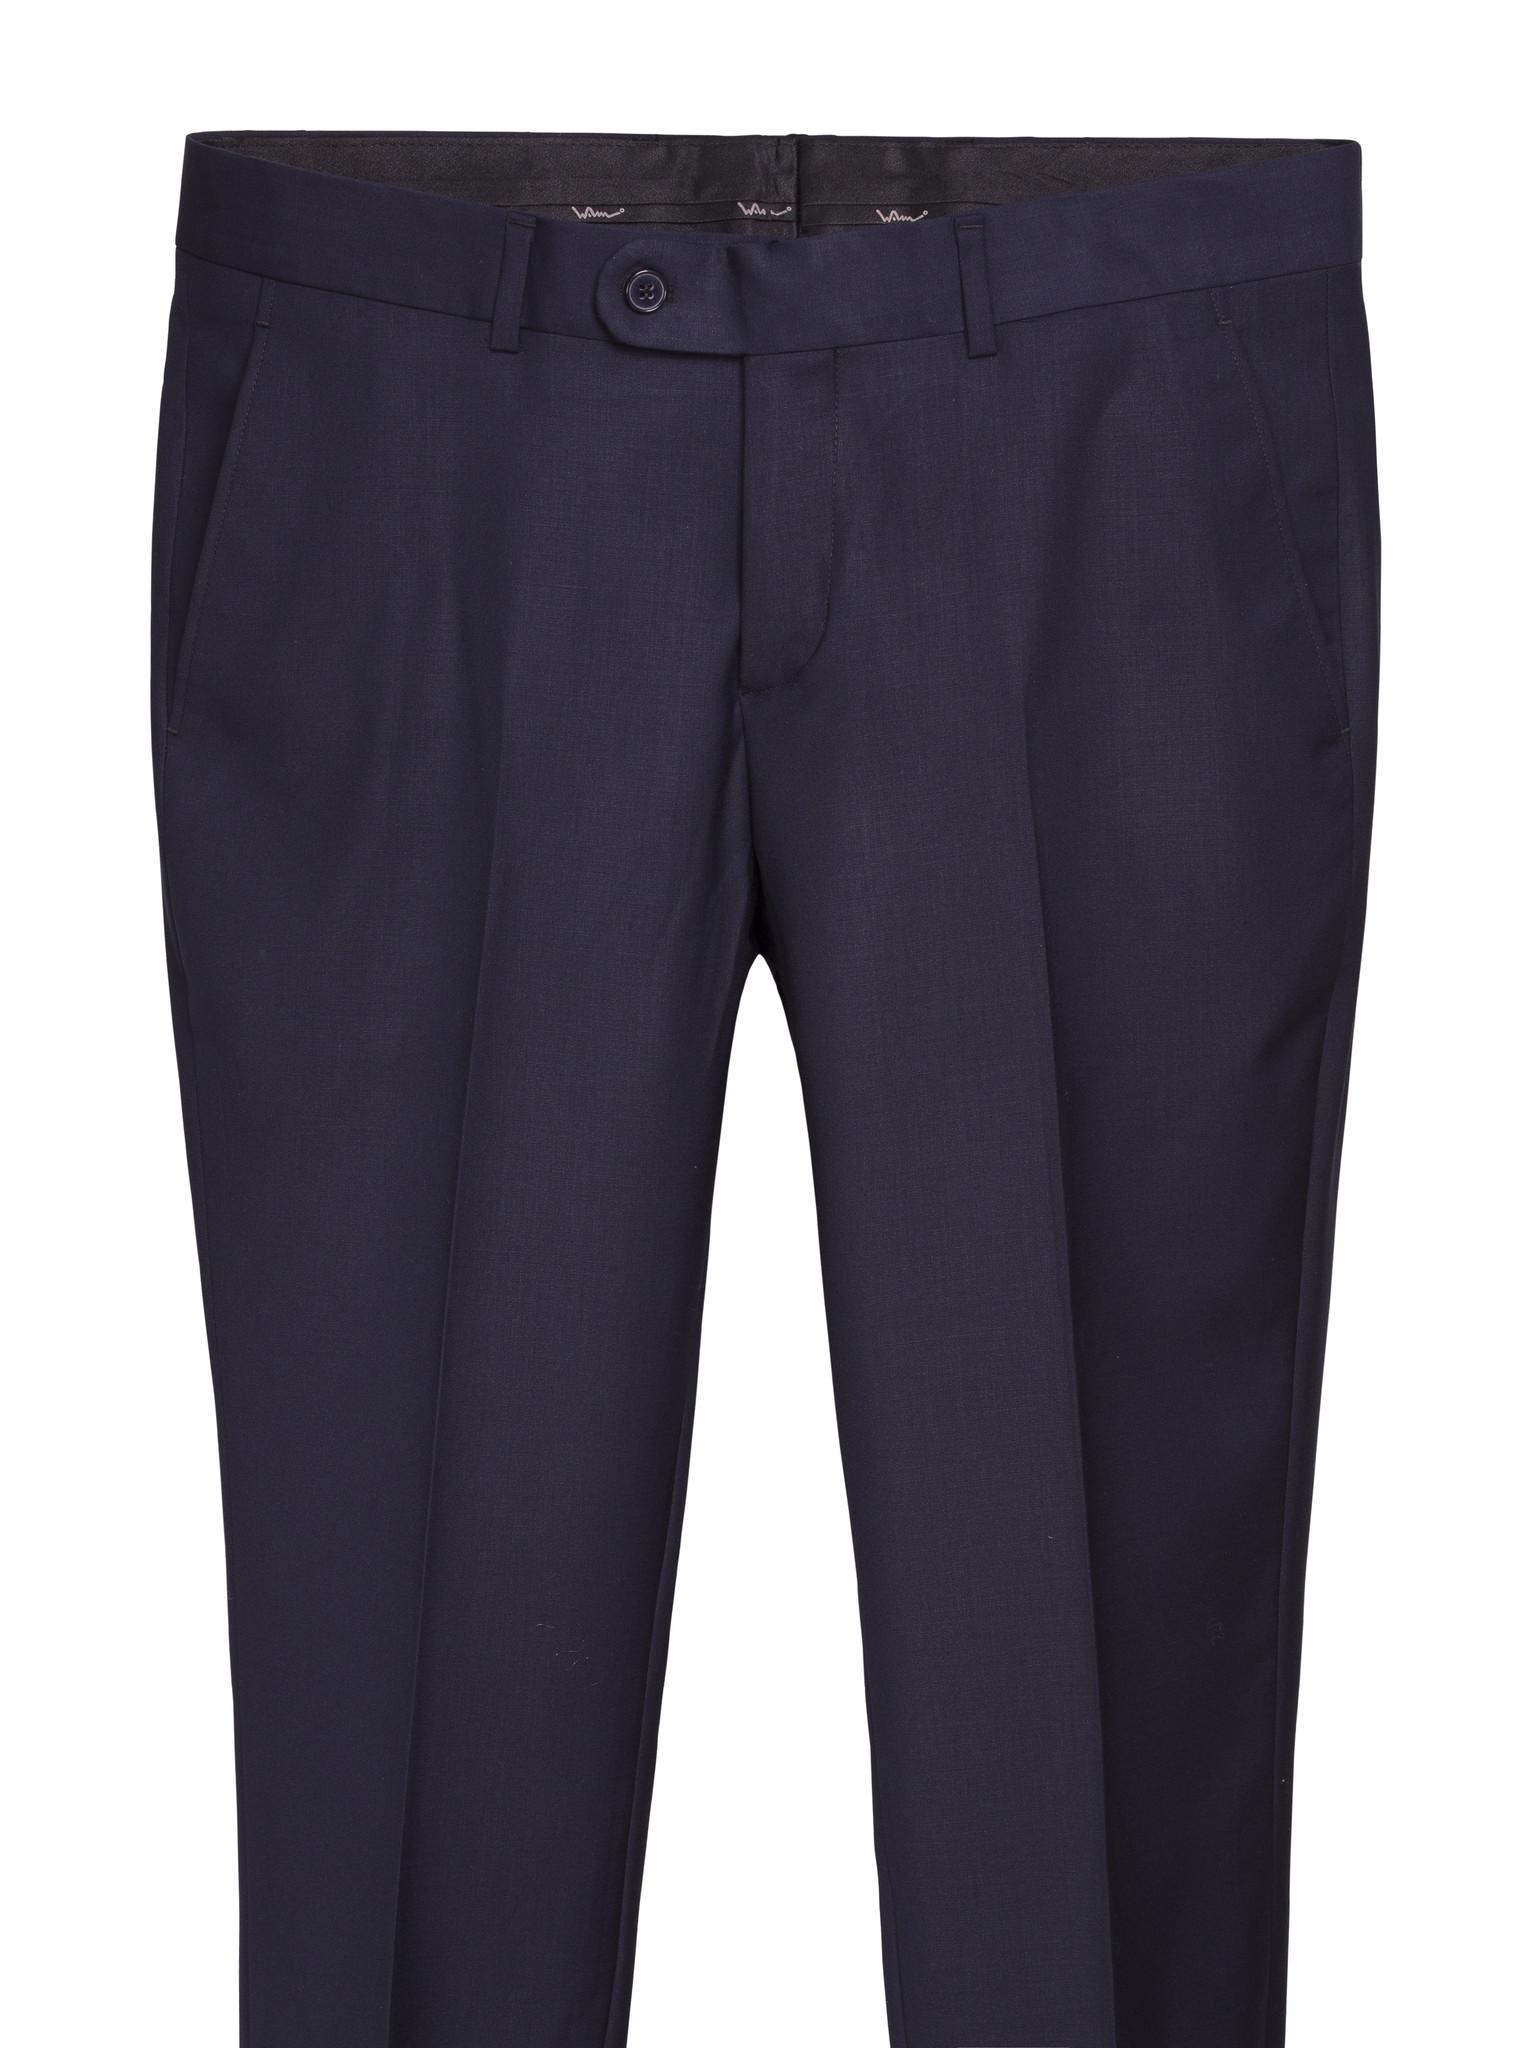 Wam Denim Pantalon  7002 Navy